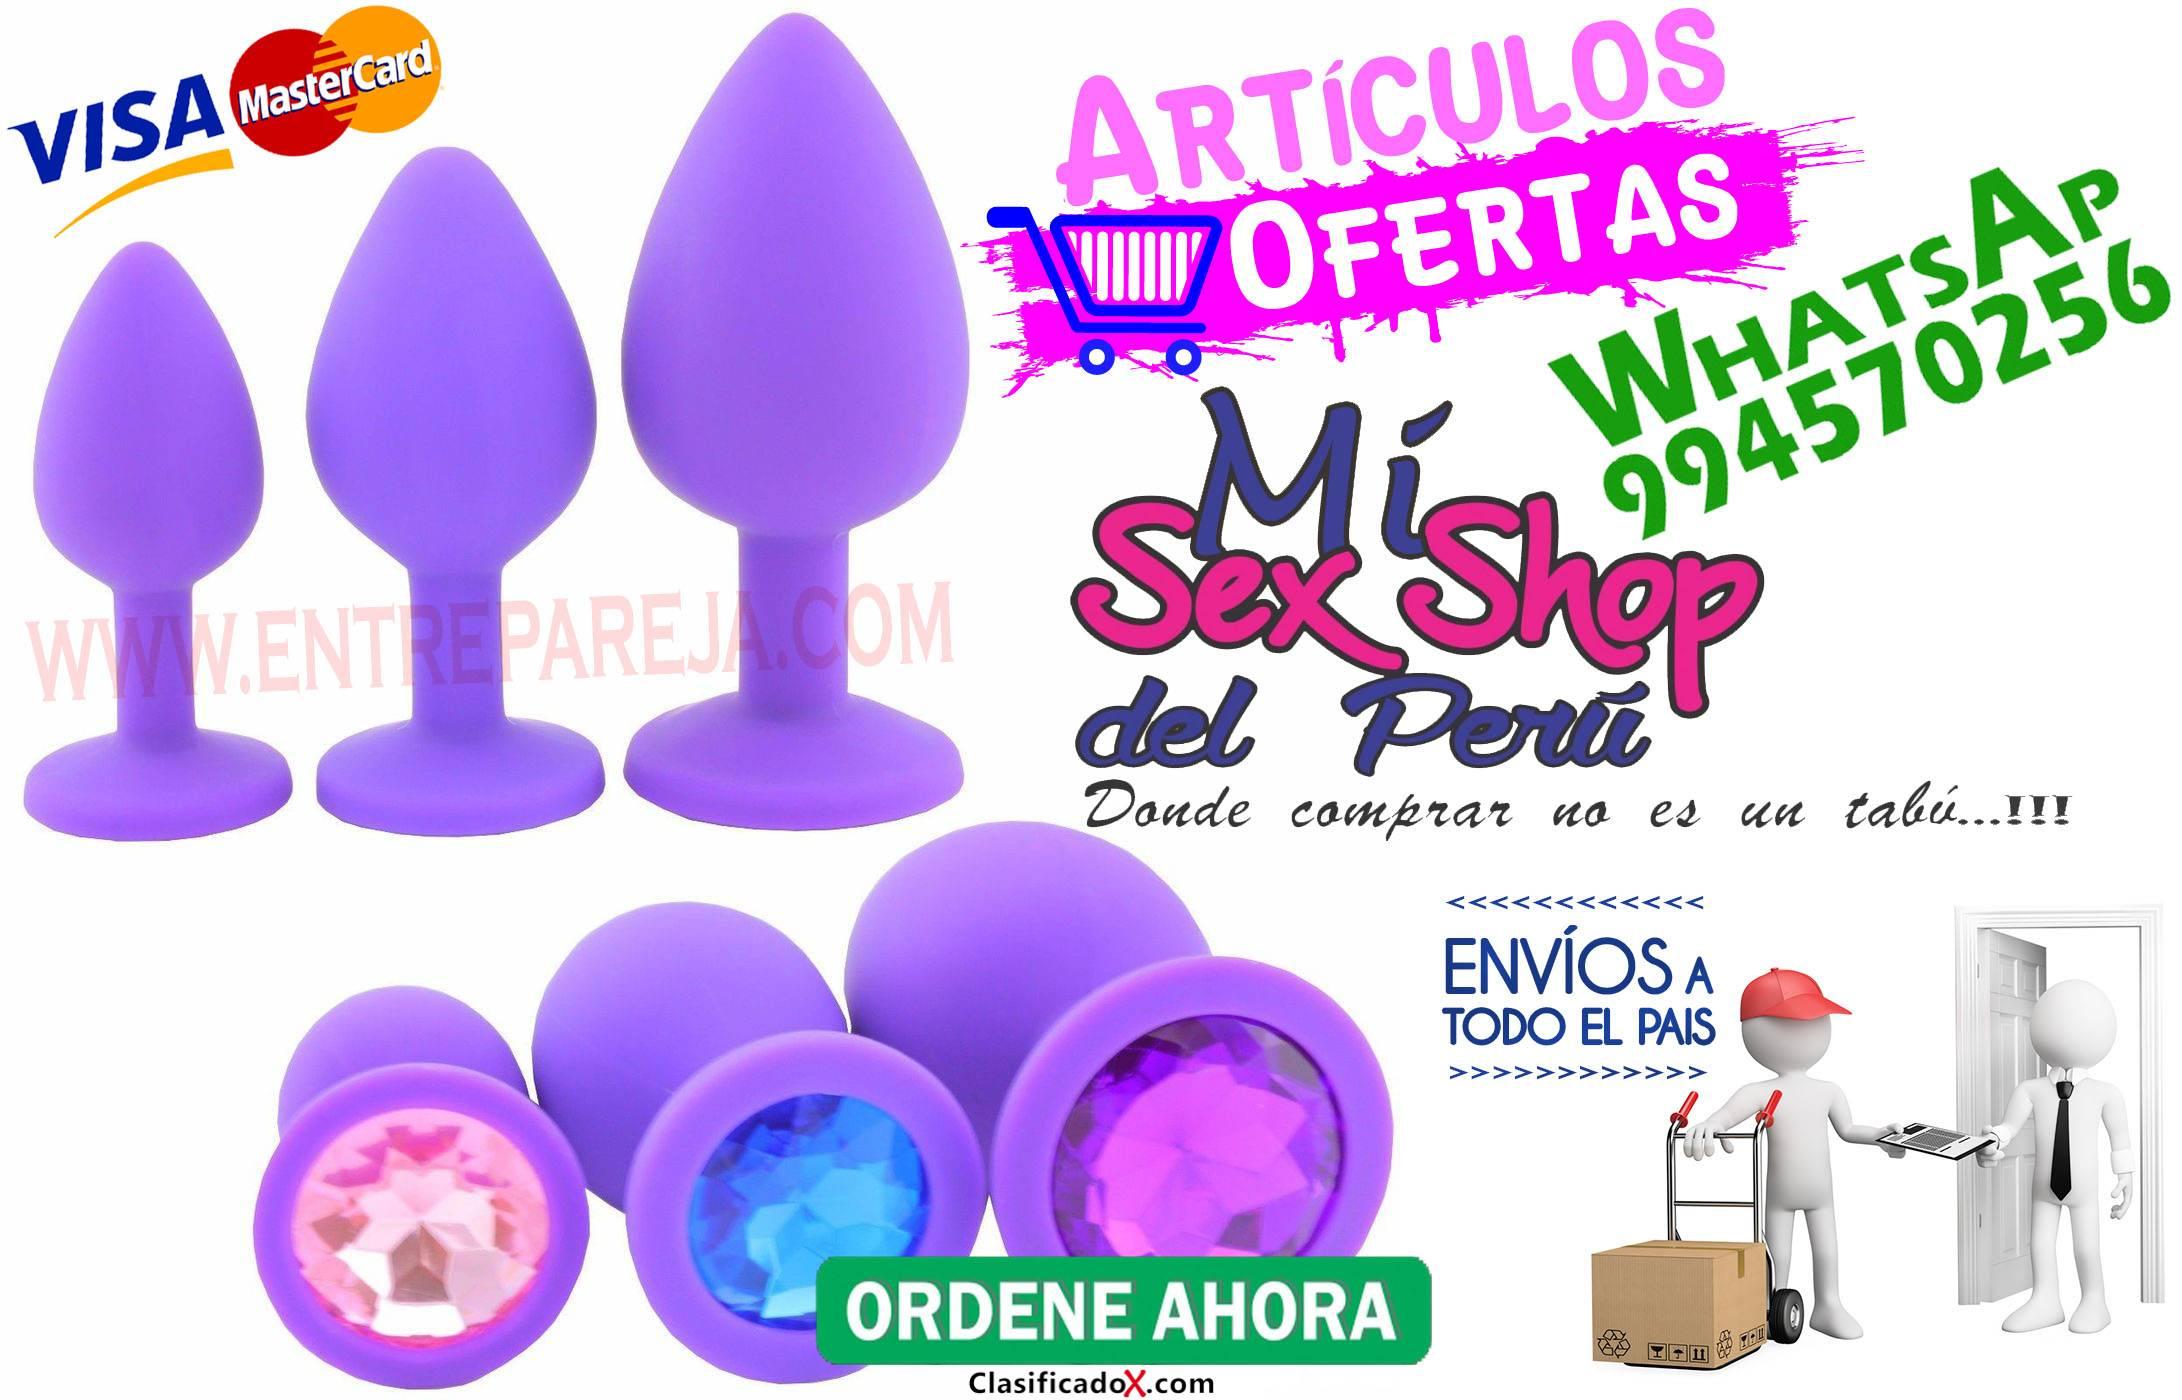 sexshop paita 994570256